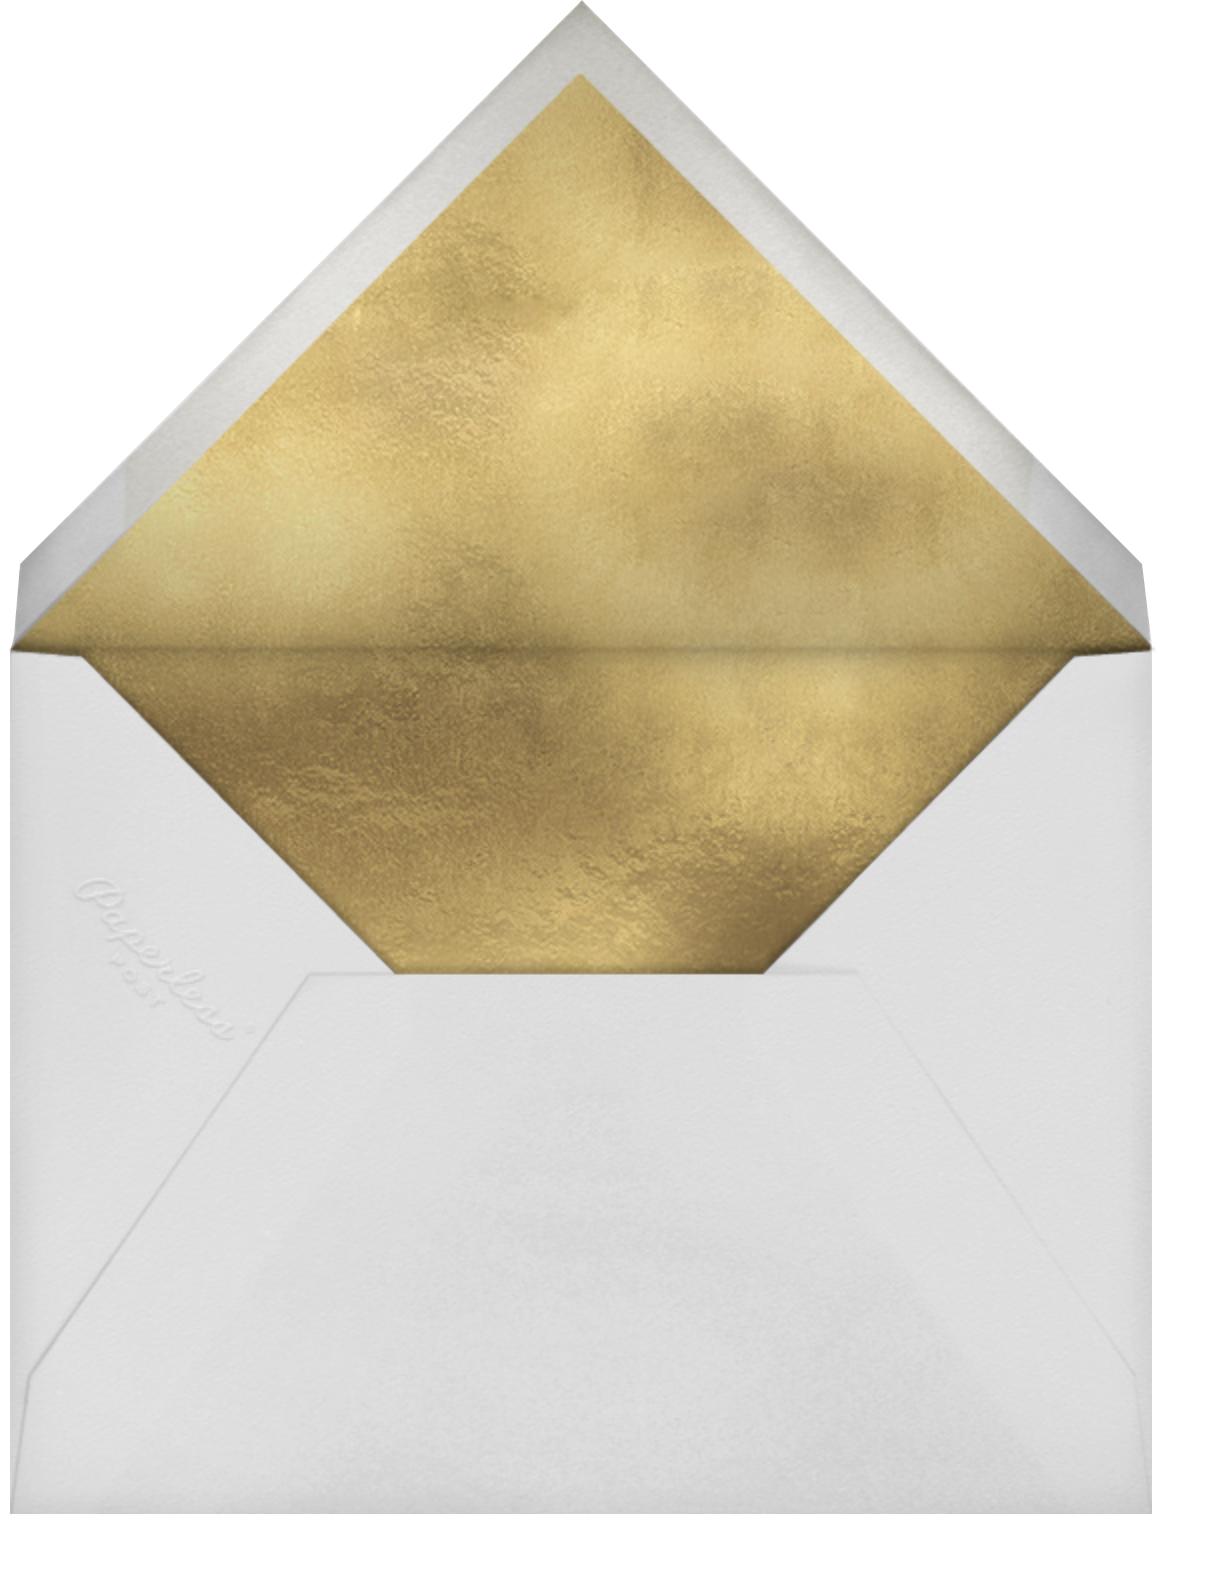 Tiki Time - Hello!Lucky - Adult birthday - envelope back